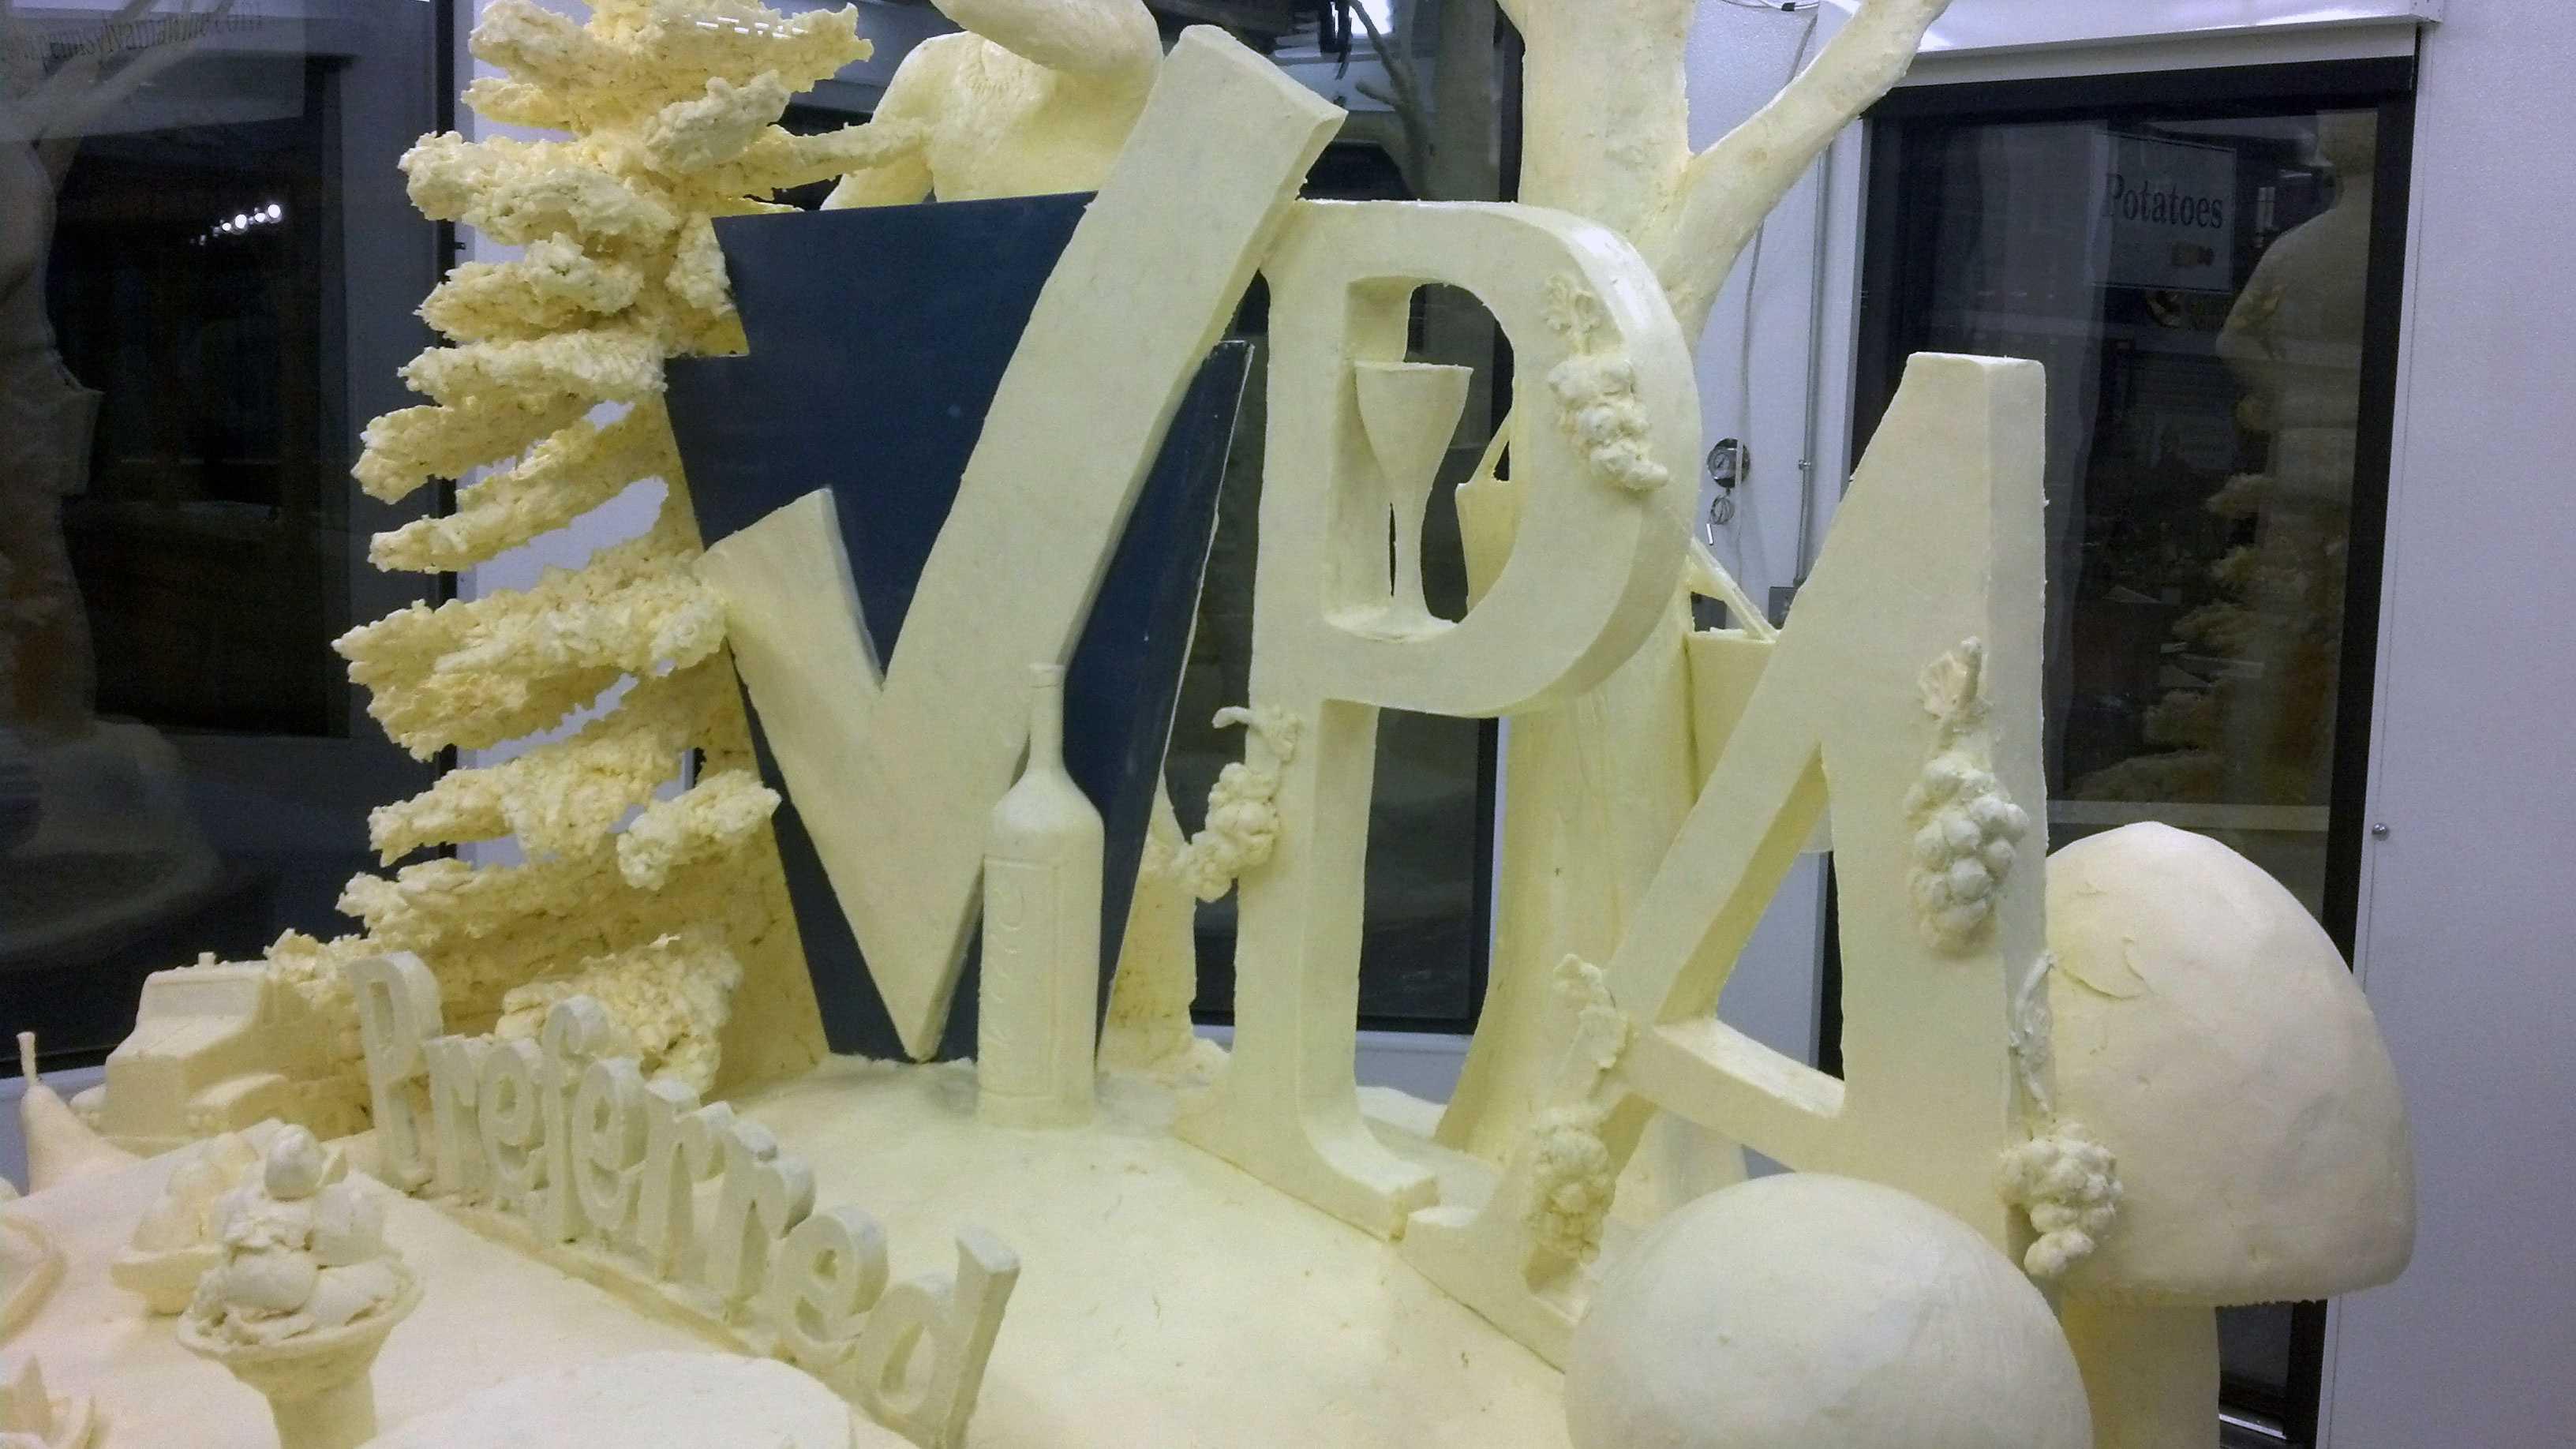 Butter sculpture